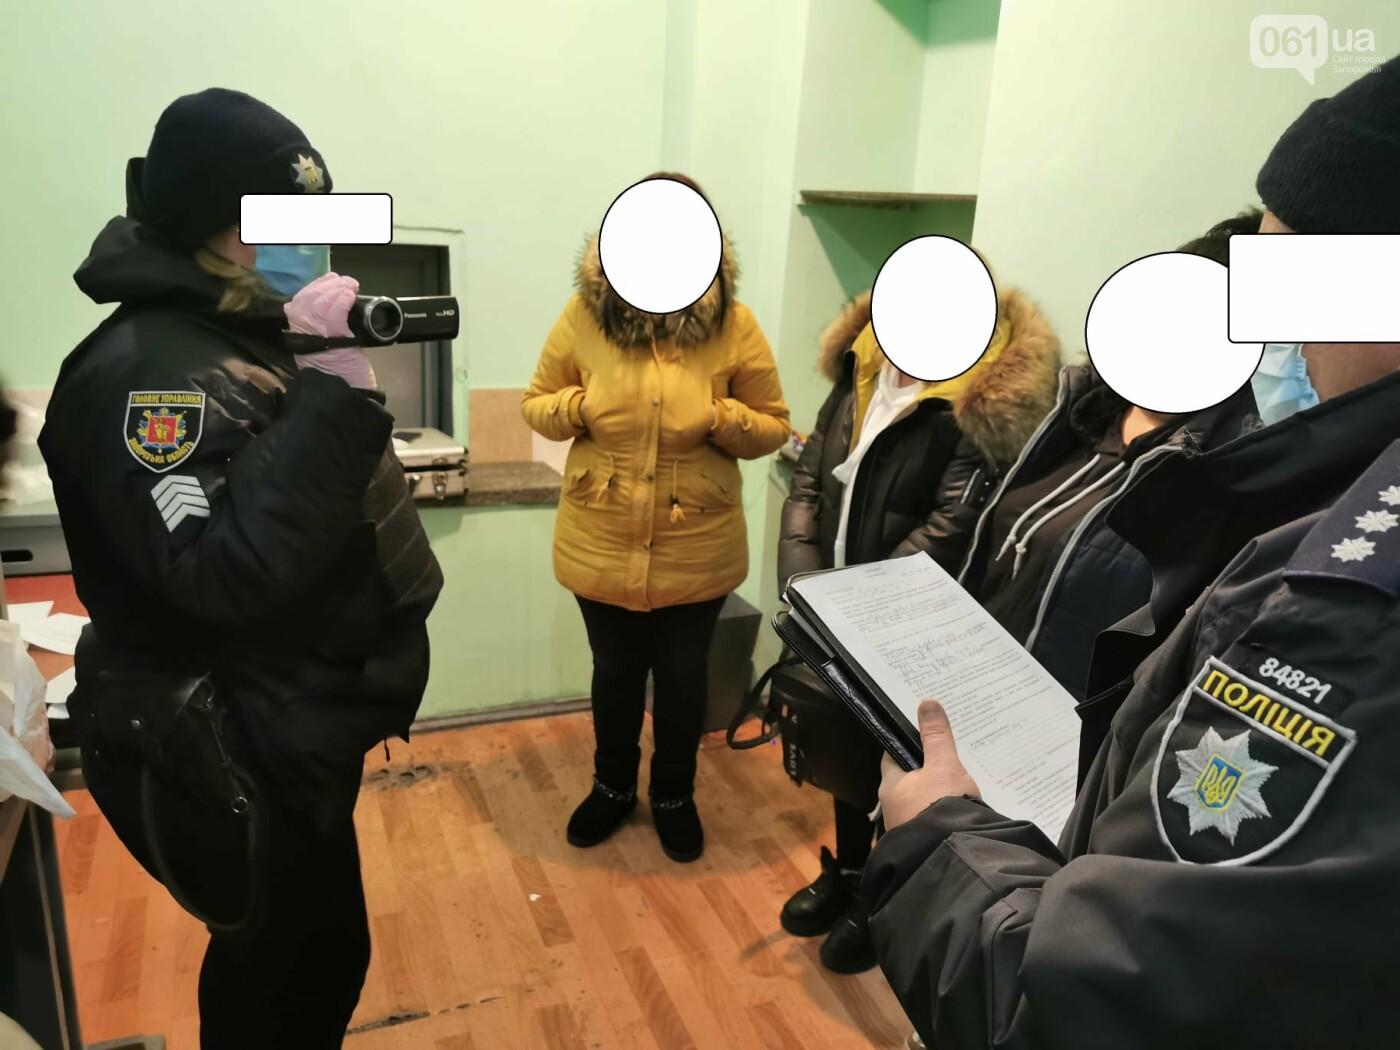 В Запорожской колонии в посылке для заключенных с зубной пастой нашли запрещенное вещество, фото-3